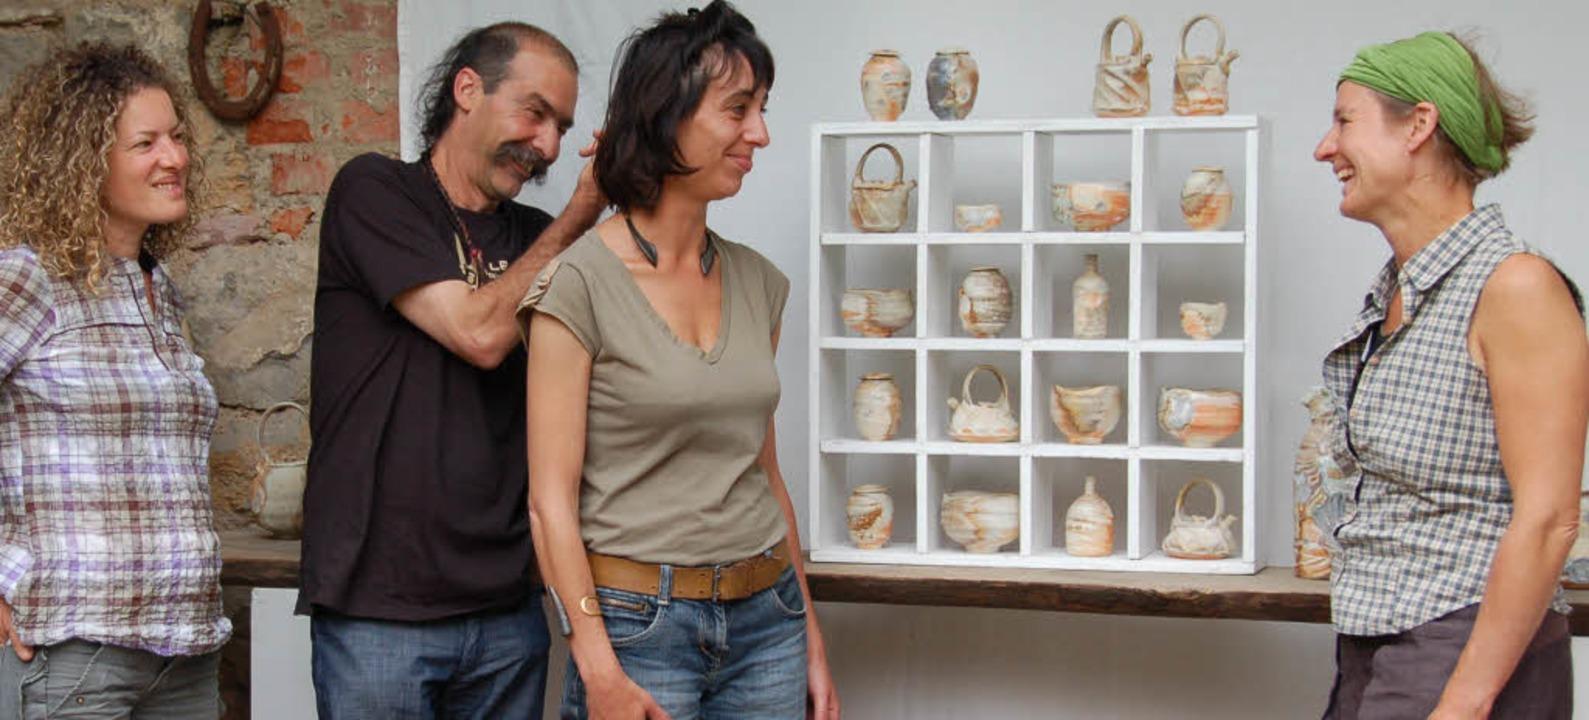 Ausgefallene Keramik zeigen  vier Küns...hof von Christel Gnirss in Mundingen.     Foto: Pia Grätinger